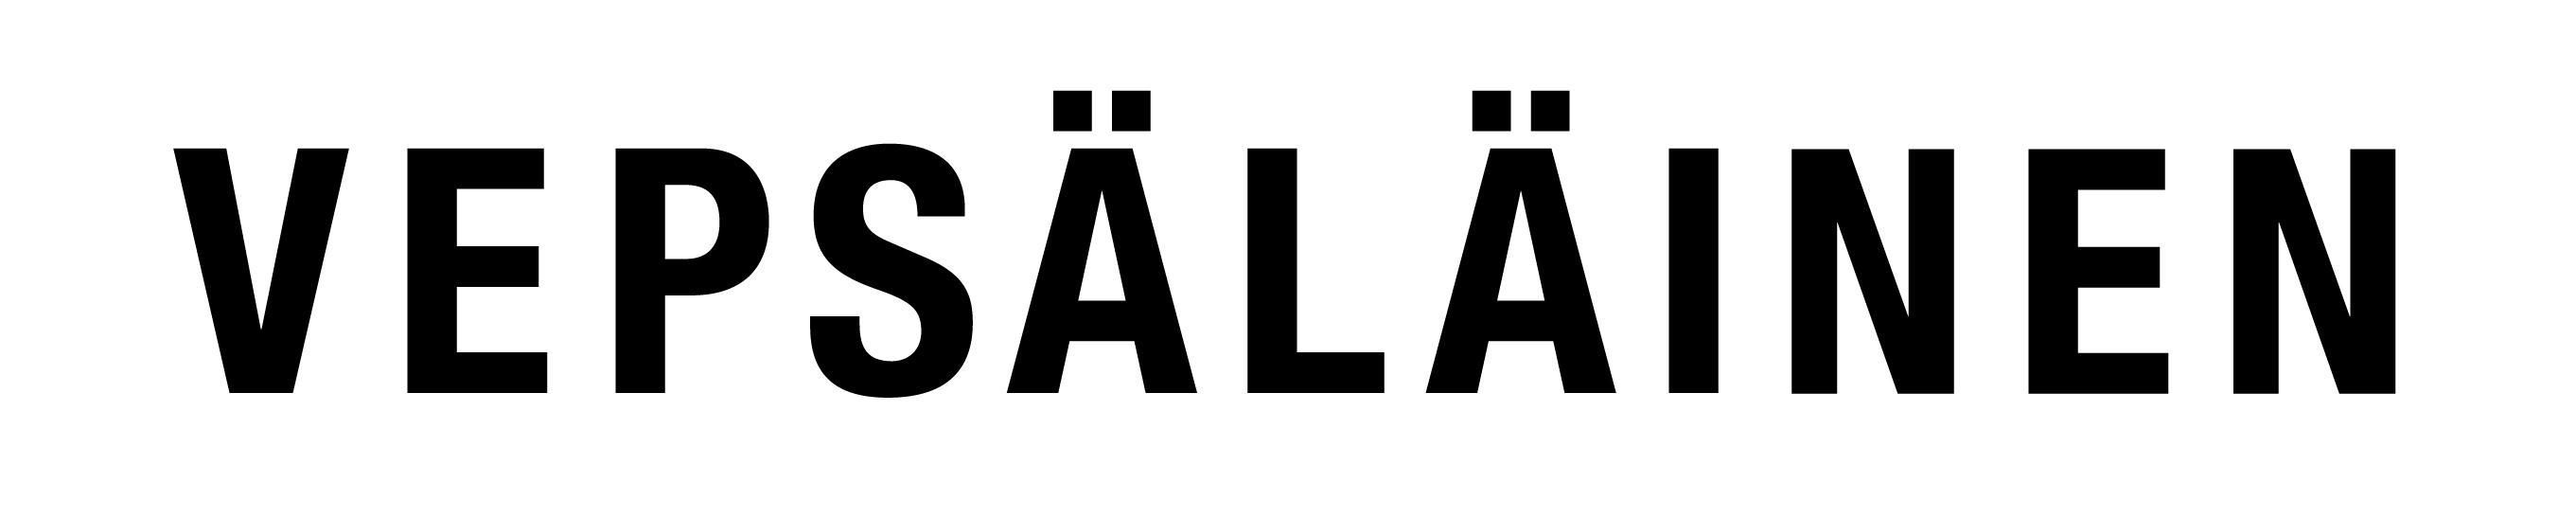 Vepsäläinen Oy logo